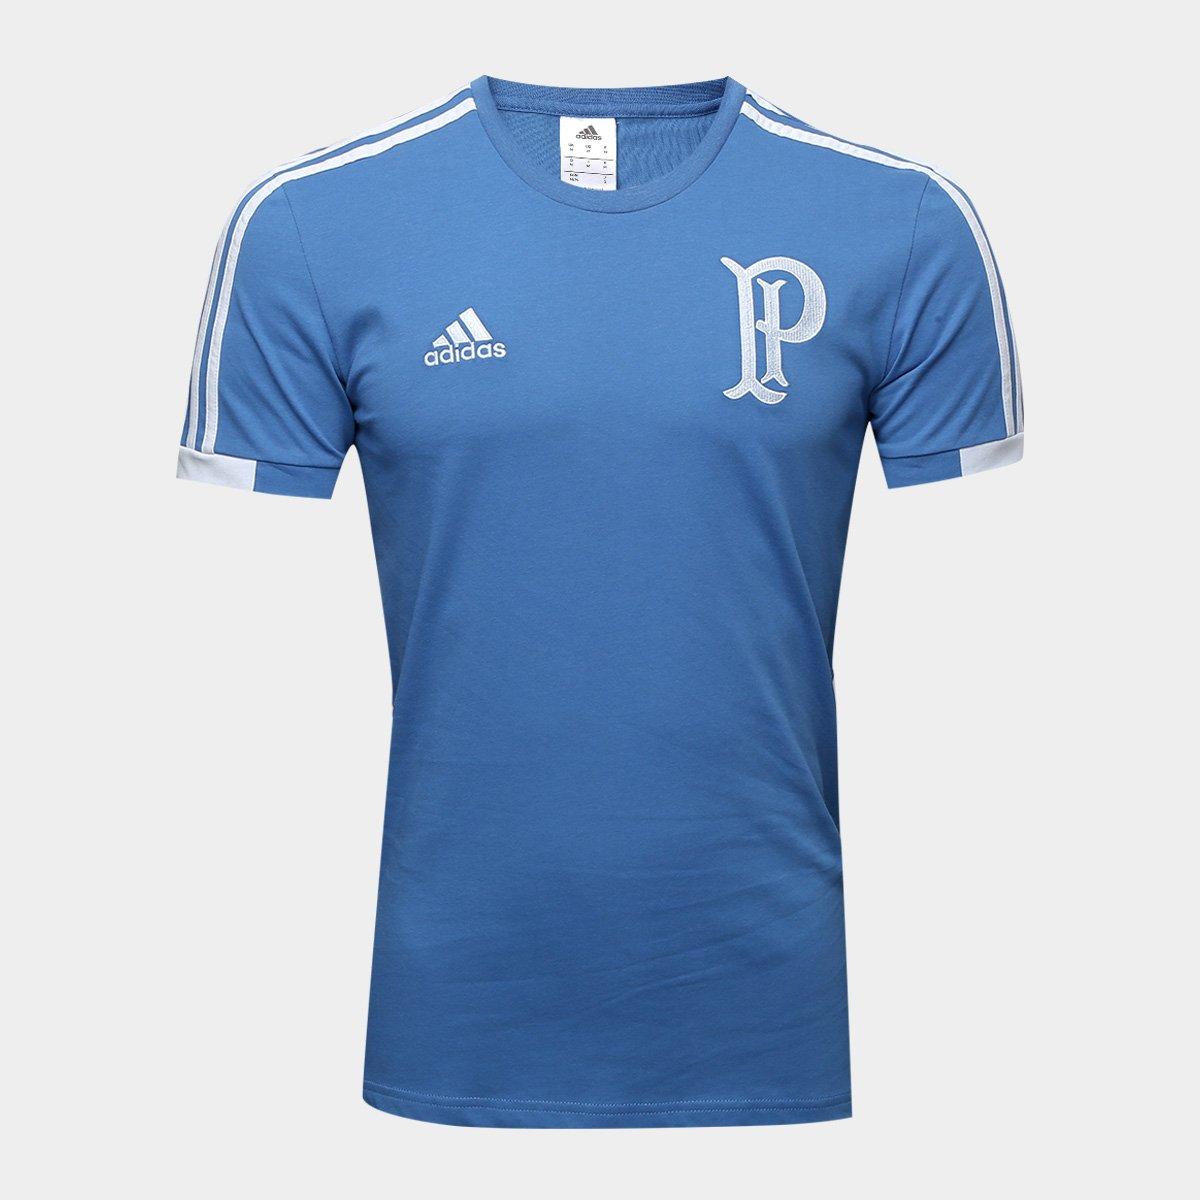 84dd1fbcd2 Camiseta Palmeiras Viagem Adidas Masculina - Azul - Compre Agora ...